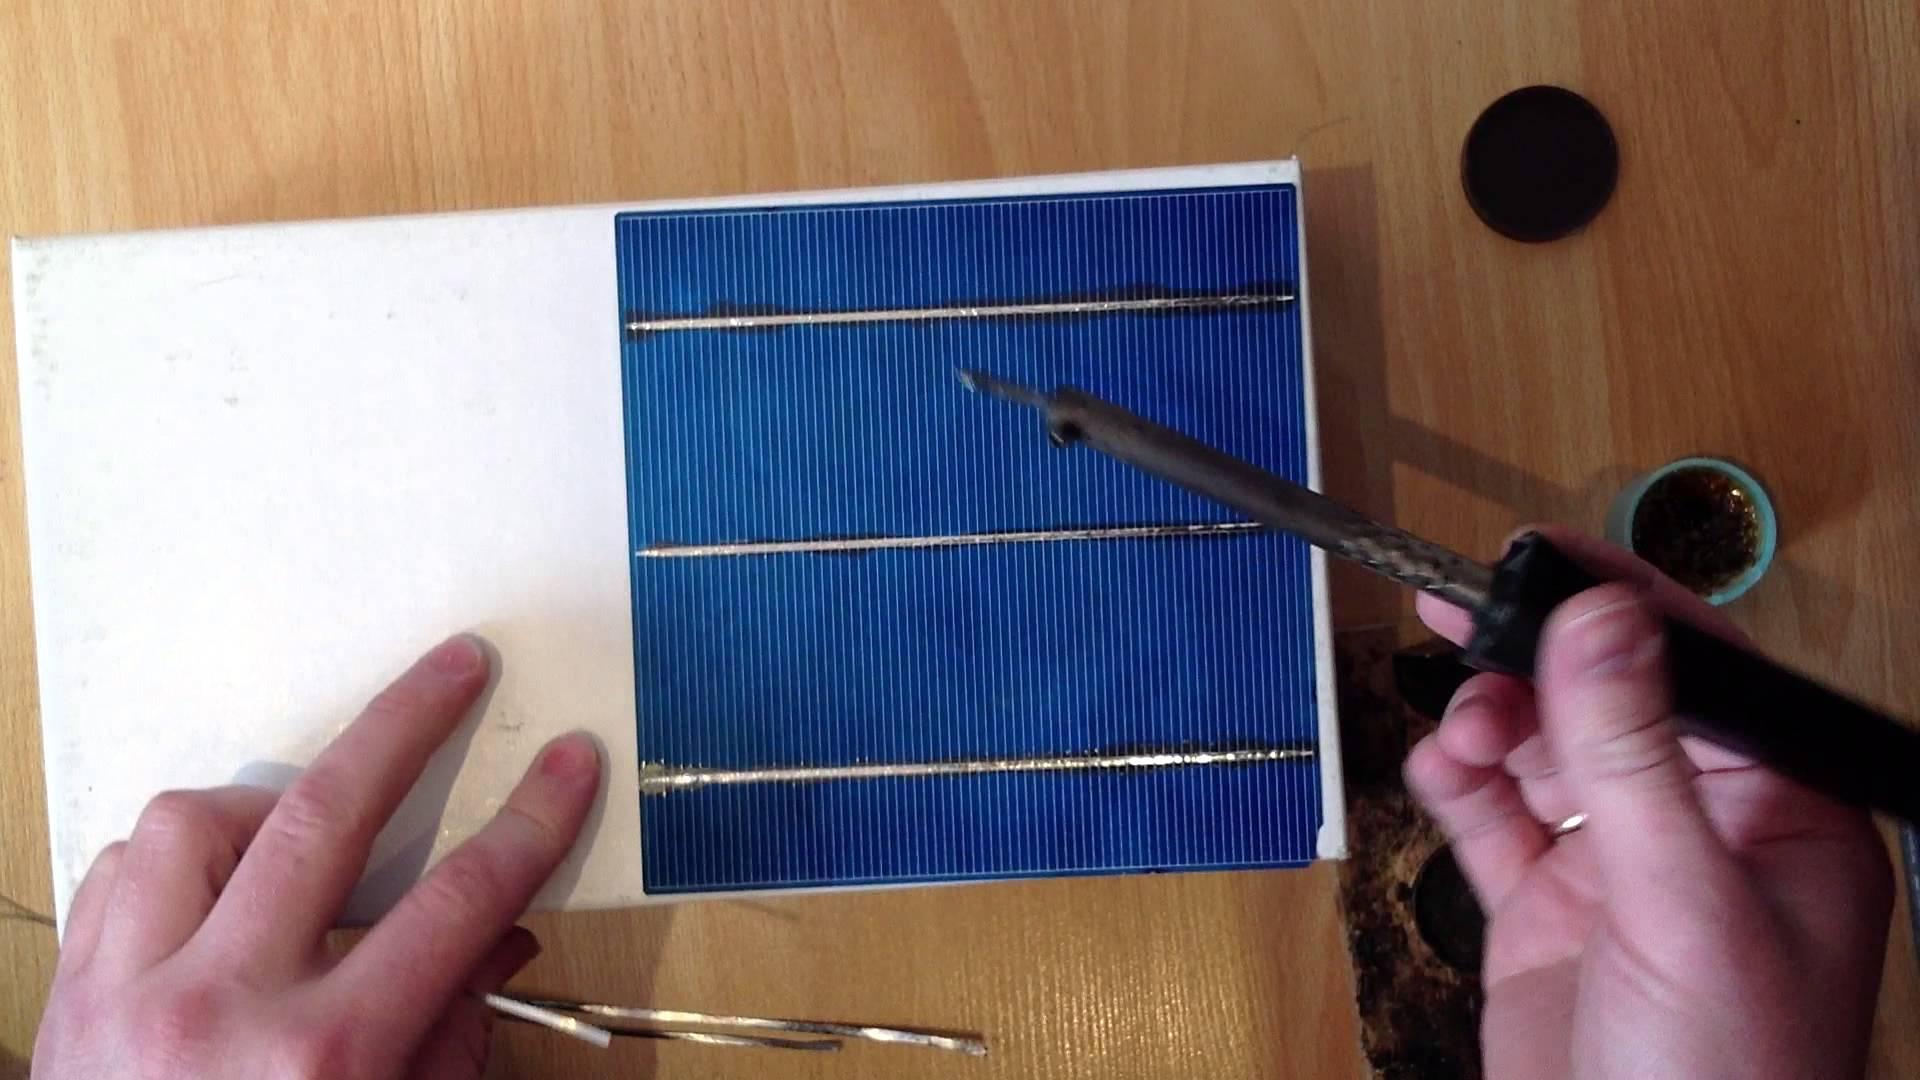 Солнечные батареи: все про альтернативный источник энергии — solar-energ.ru. как сделать солнечную батарею из простых подручных средств как сделать солнечную батарею из простых подручных средств